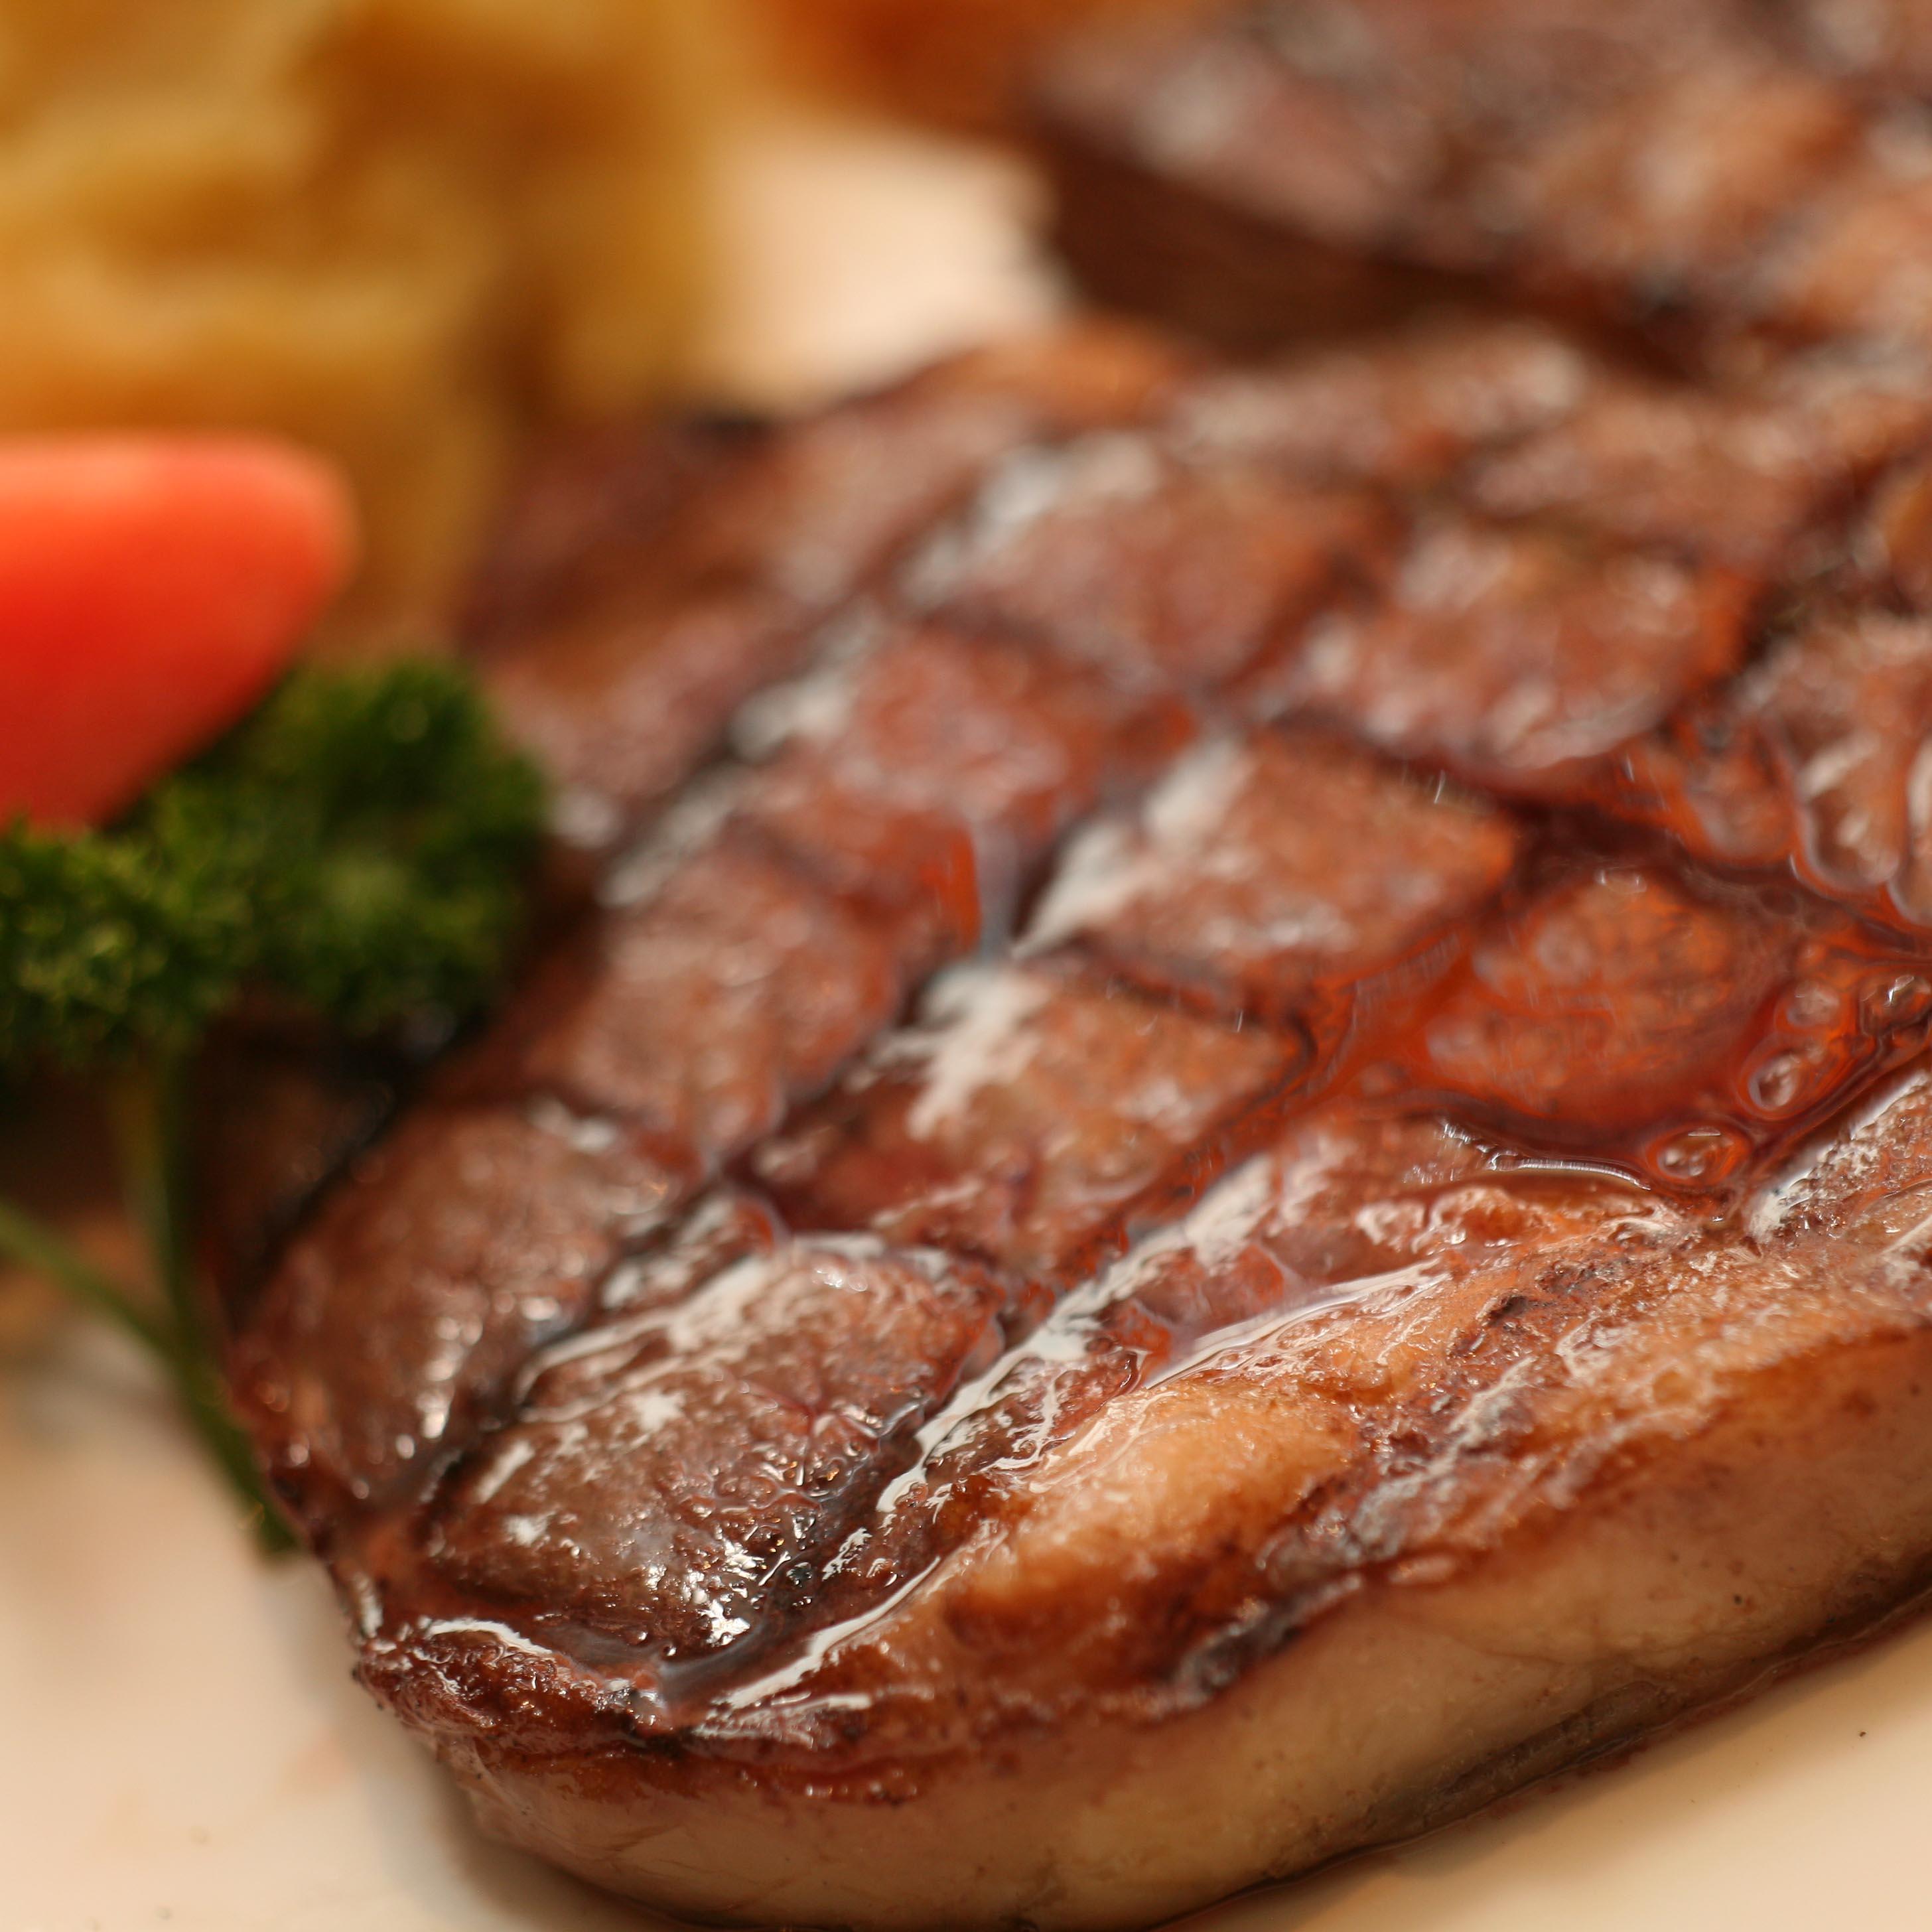 西餐牛排的吃法图解